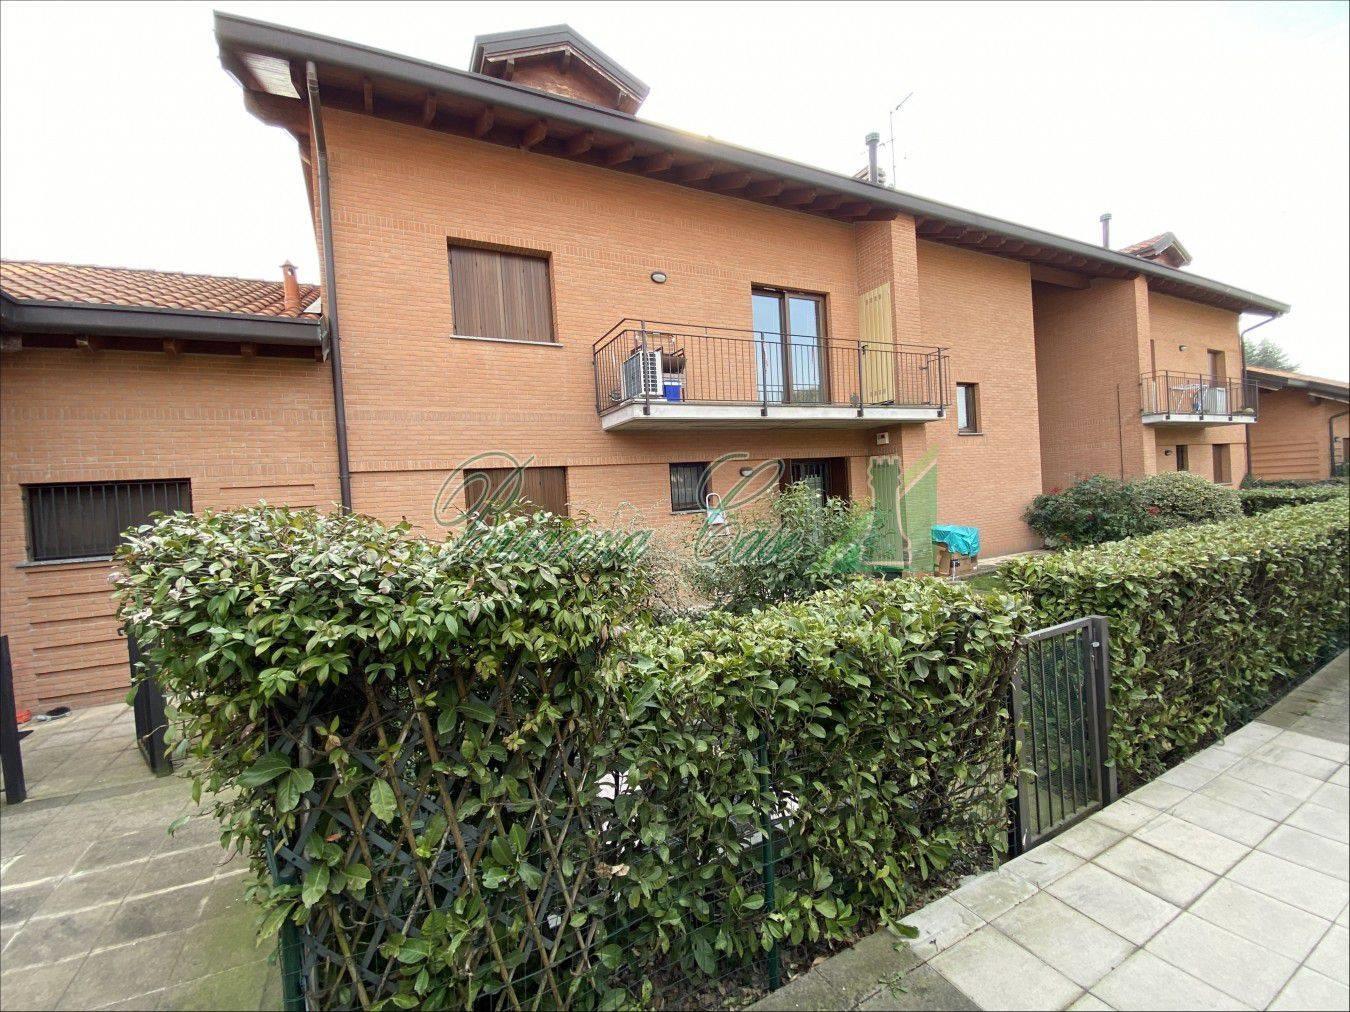 Foto 4 - Appartamento in Vendita - Arcore (Monza e Brianza)